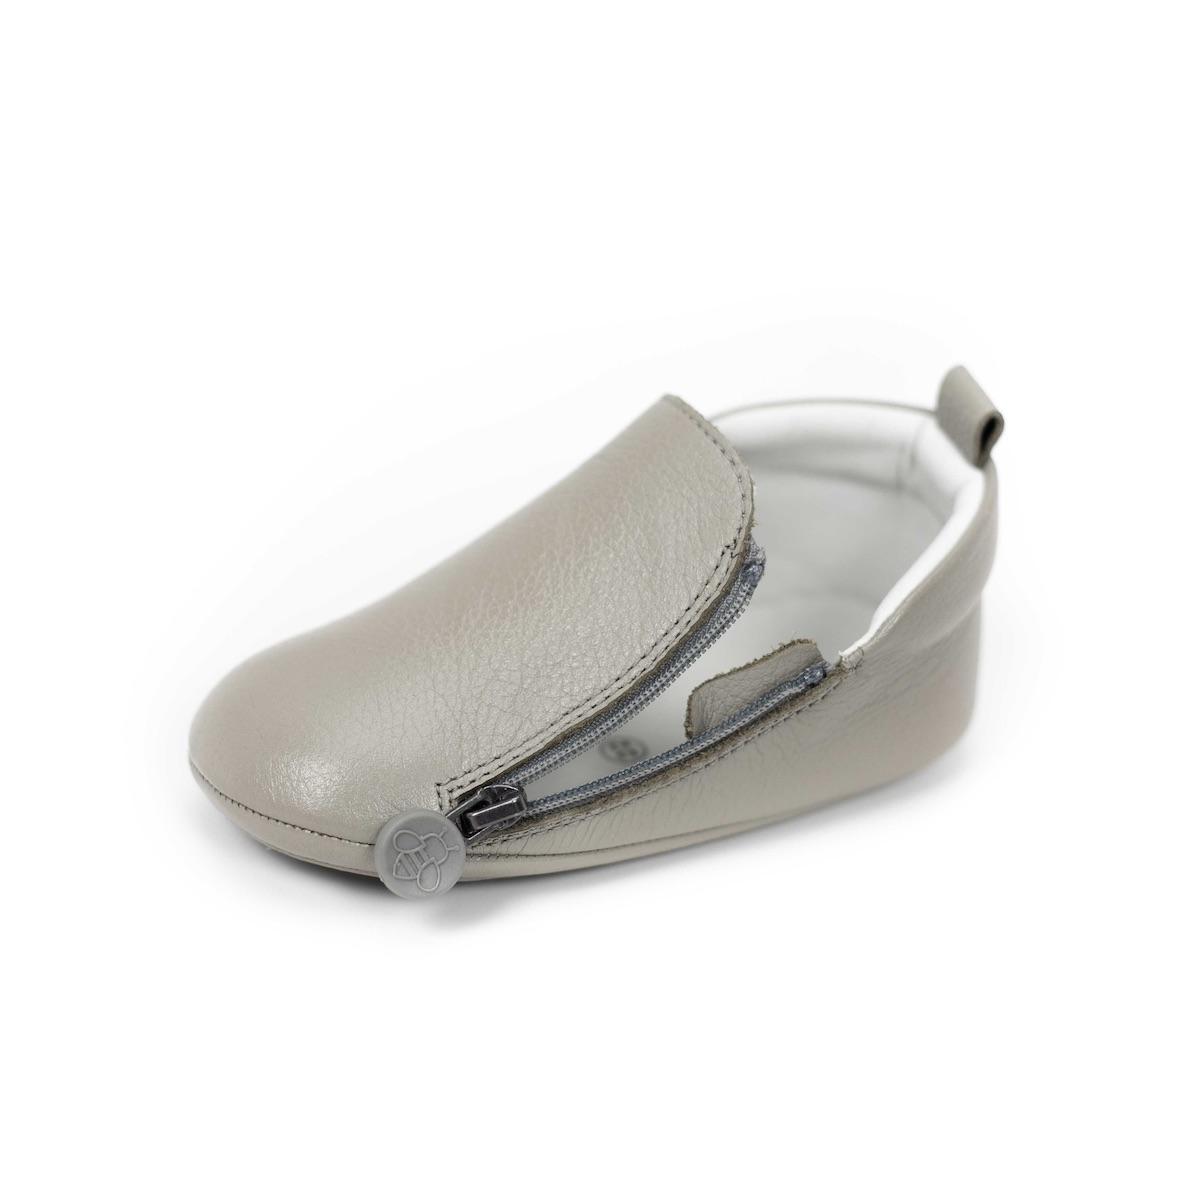 size1の片足の重さは約32g! 室内での靴の練習や、ベビーカーでのお出かけに最適。